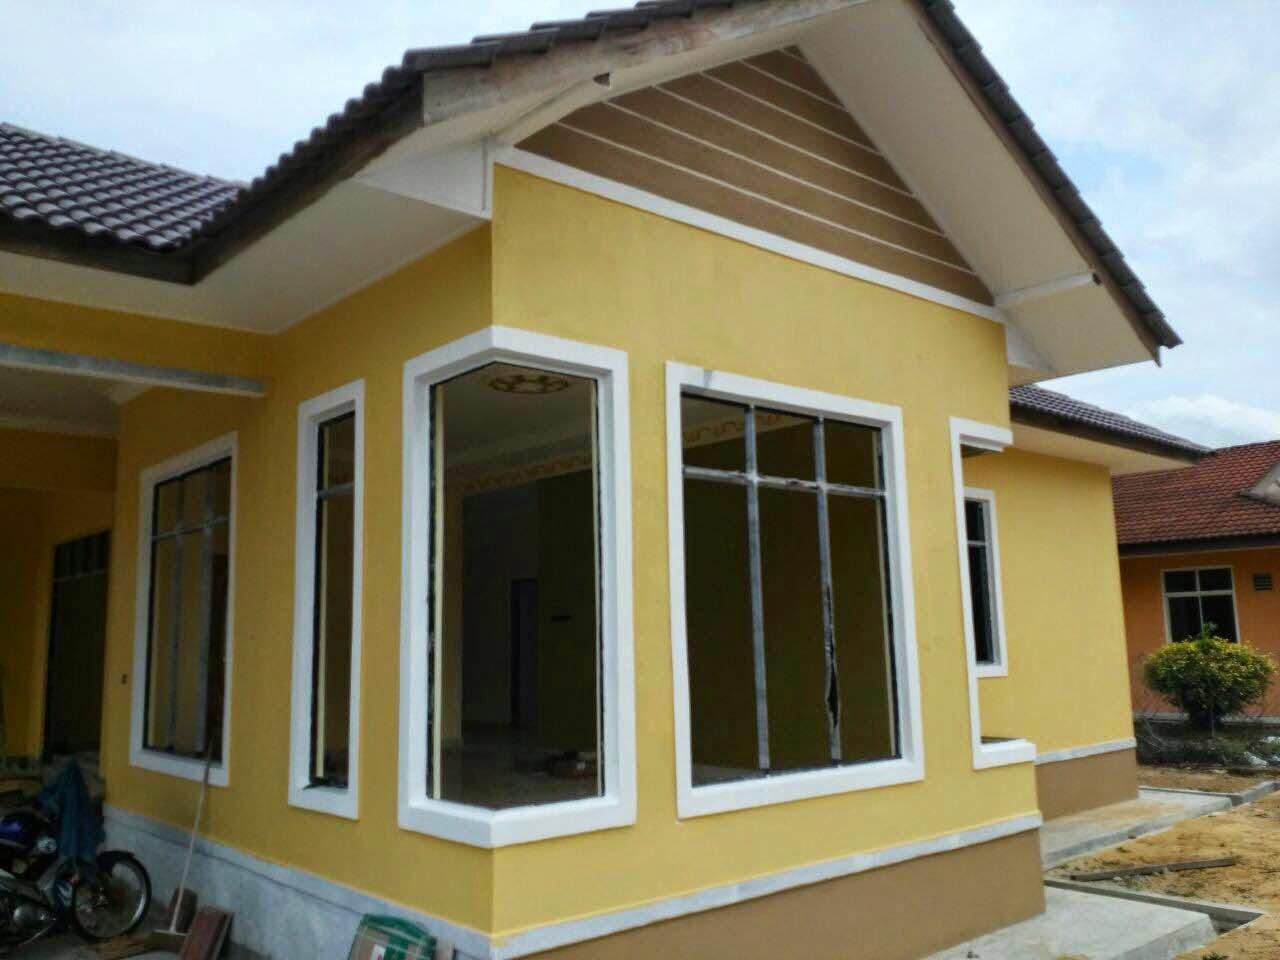 pemaju perumahan reka bina photo rumah siap rumah contoh